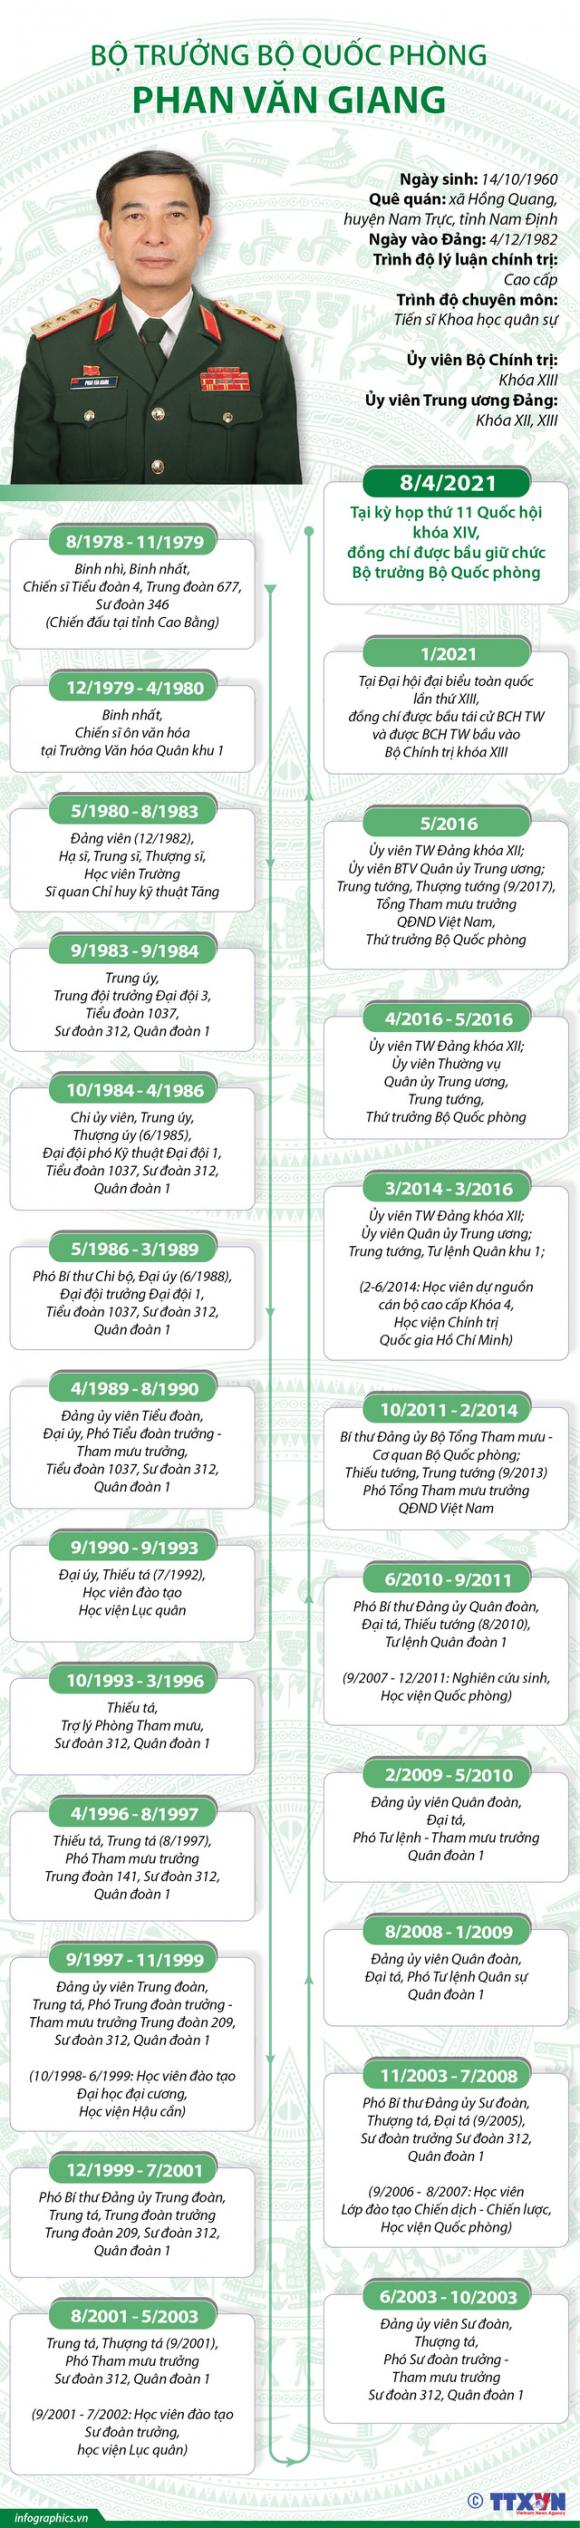 Tóm tắt tiểu sử Bộ trưởng Bộ Quốc phòng Phan Văn Giang - Ảnh 2.